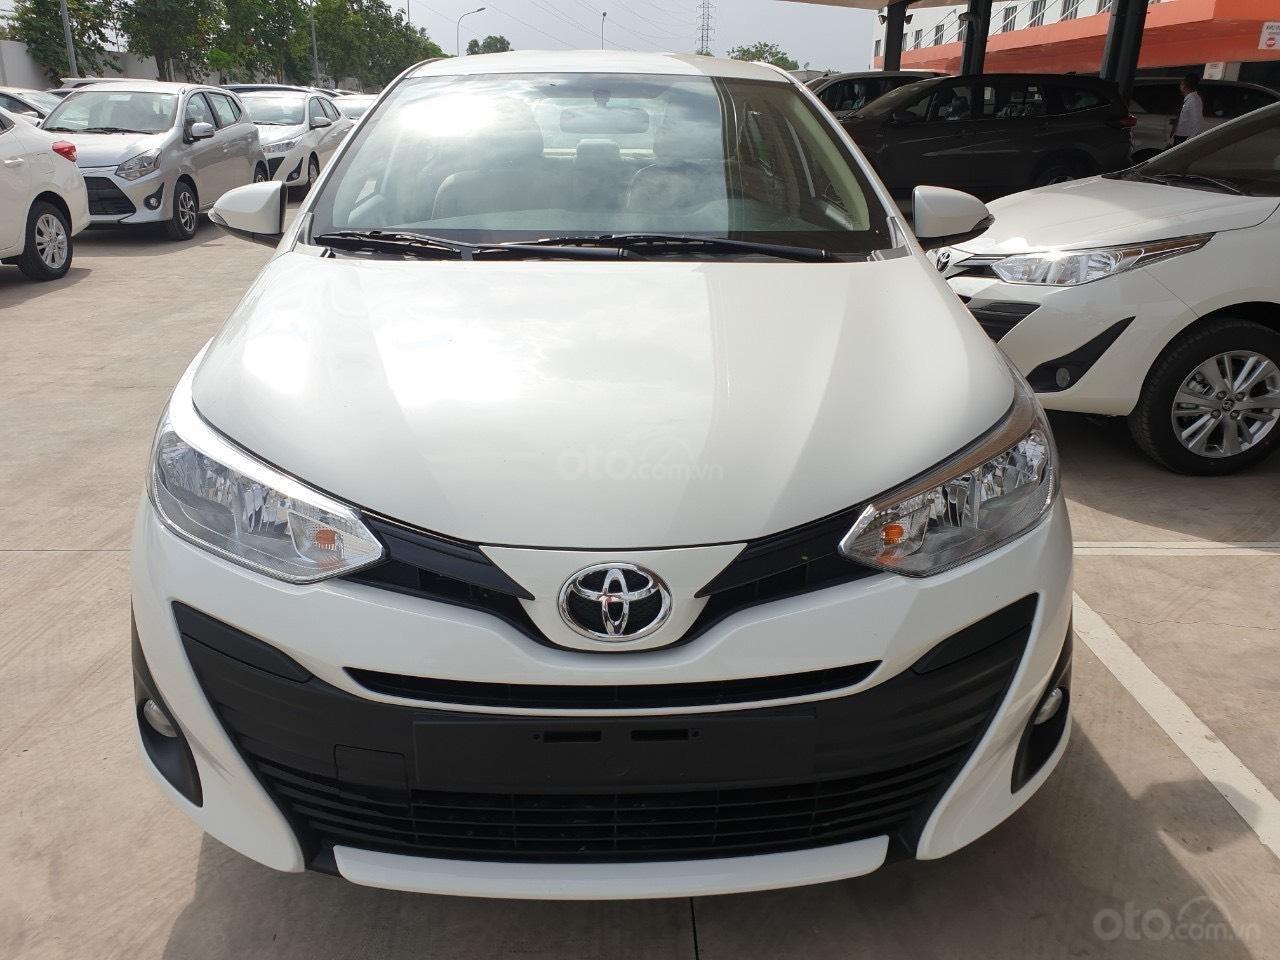 Bán Toyota Vios 1.5 số sàn 2020- vay 80% - trả 120tr nhận ngay xe (1)